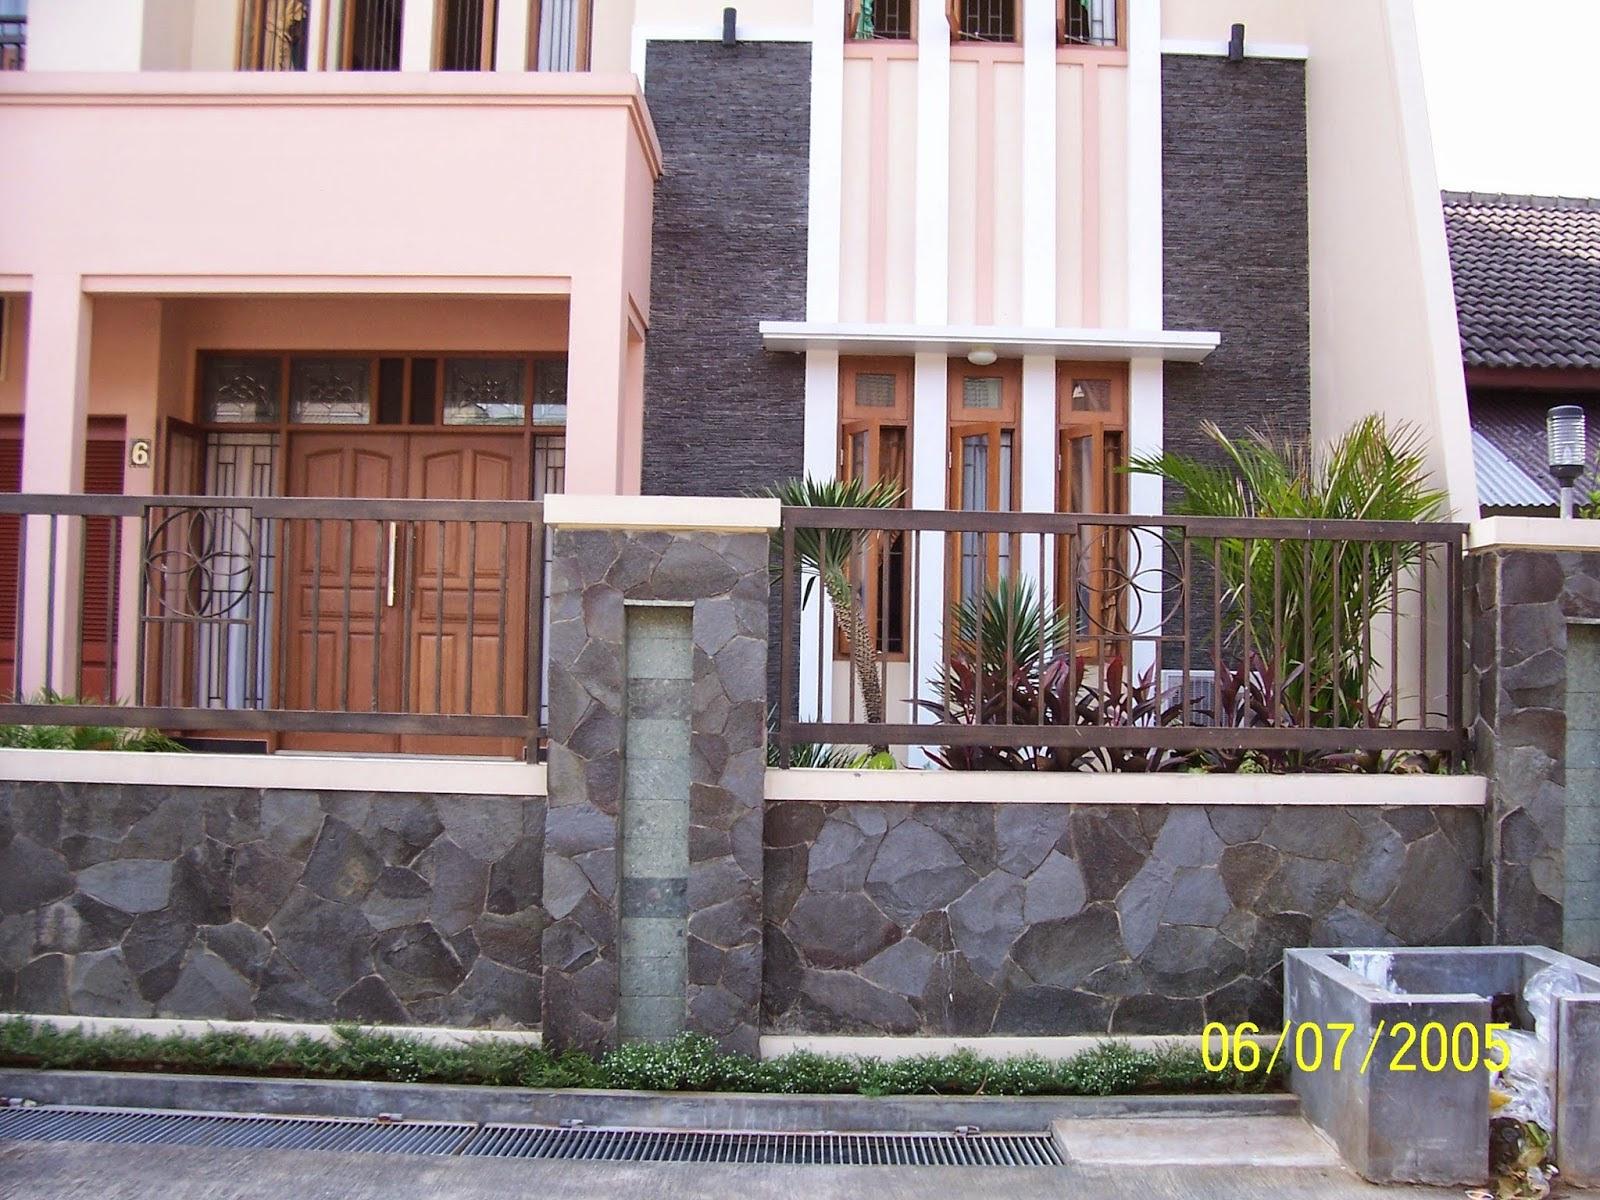 21 Rumah Minimalis Batu Alam Kecil   Gubukhome